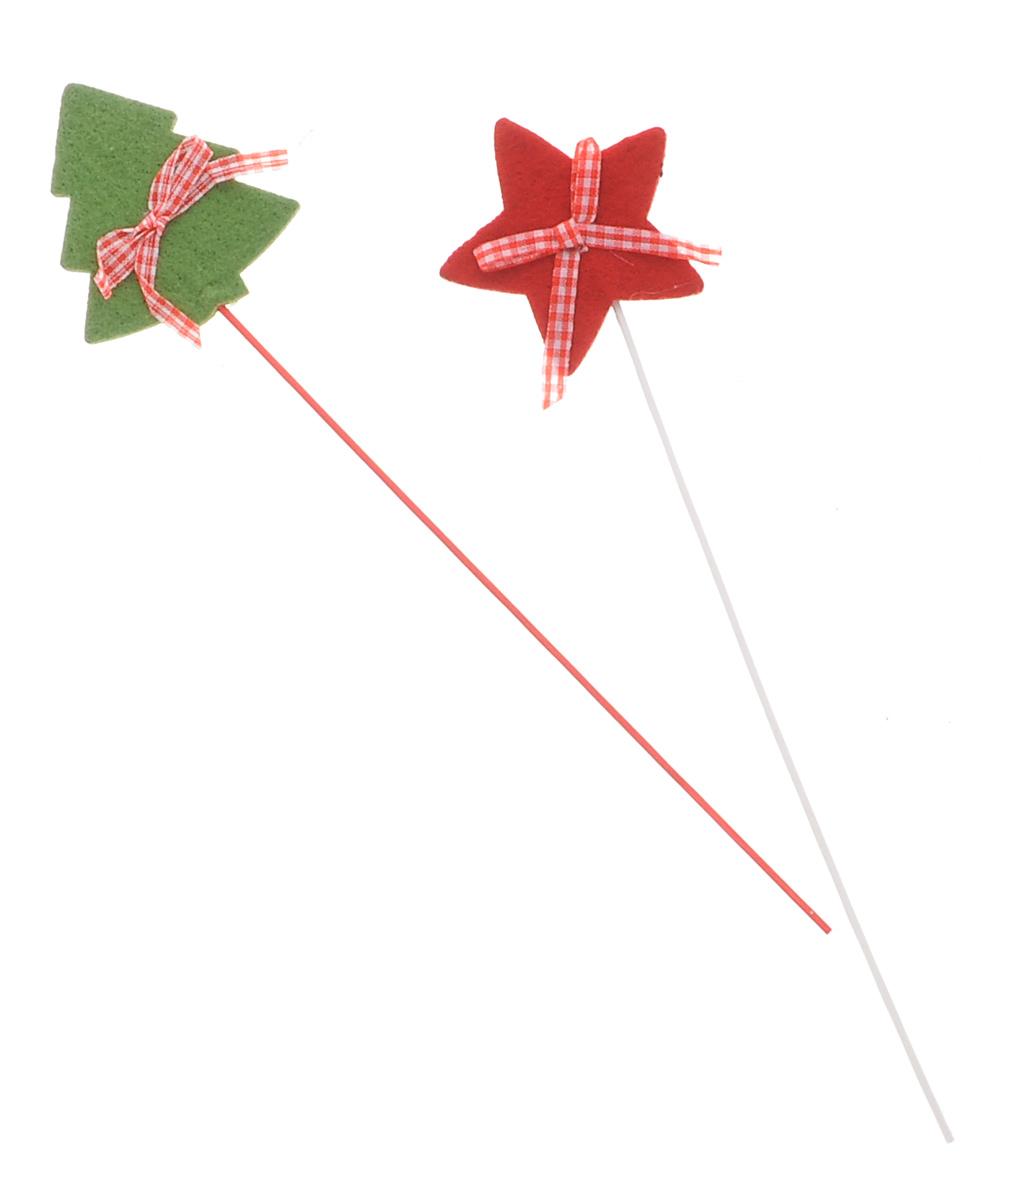 Набор декоративных украшений на палочке Lunten Ranta Войлочный праздник, цвет: зеленый, красный, длина 28 см, 2 шт67742_красный, зеленыйНабор декоративных украшений на палочке Lunten Ranta Войлочный праздник состоит из двух фигурок: елки и звезды. Изделия прекрасно оформят интерьер и рабочий стол не только дома, но и в офисе. Фигурки, выполненные из цветного фетра, декорированы текстильными бантиками и расположены на деревянной ножке. Создайте в своем доме атмосферу веселья и радости, украшая его всей семьей новогодними украшениями, которые будут из года в год накапливать теплоту воспоминаний. Размер звезды: 7 см х 7 см. Размер елки: 7 см х 6,5 см.